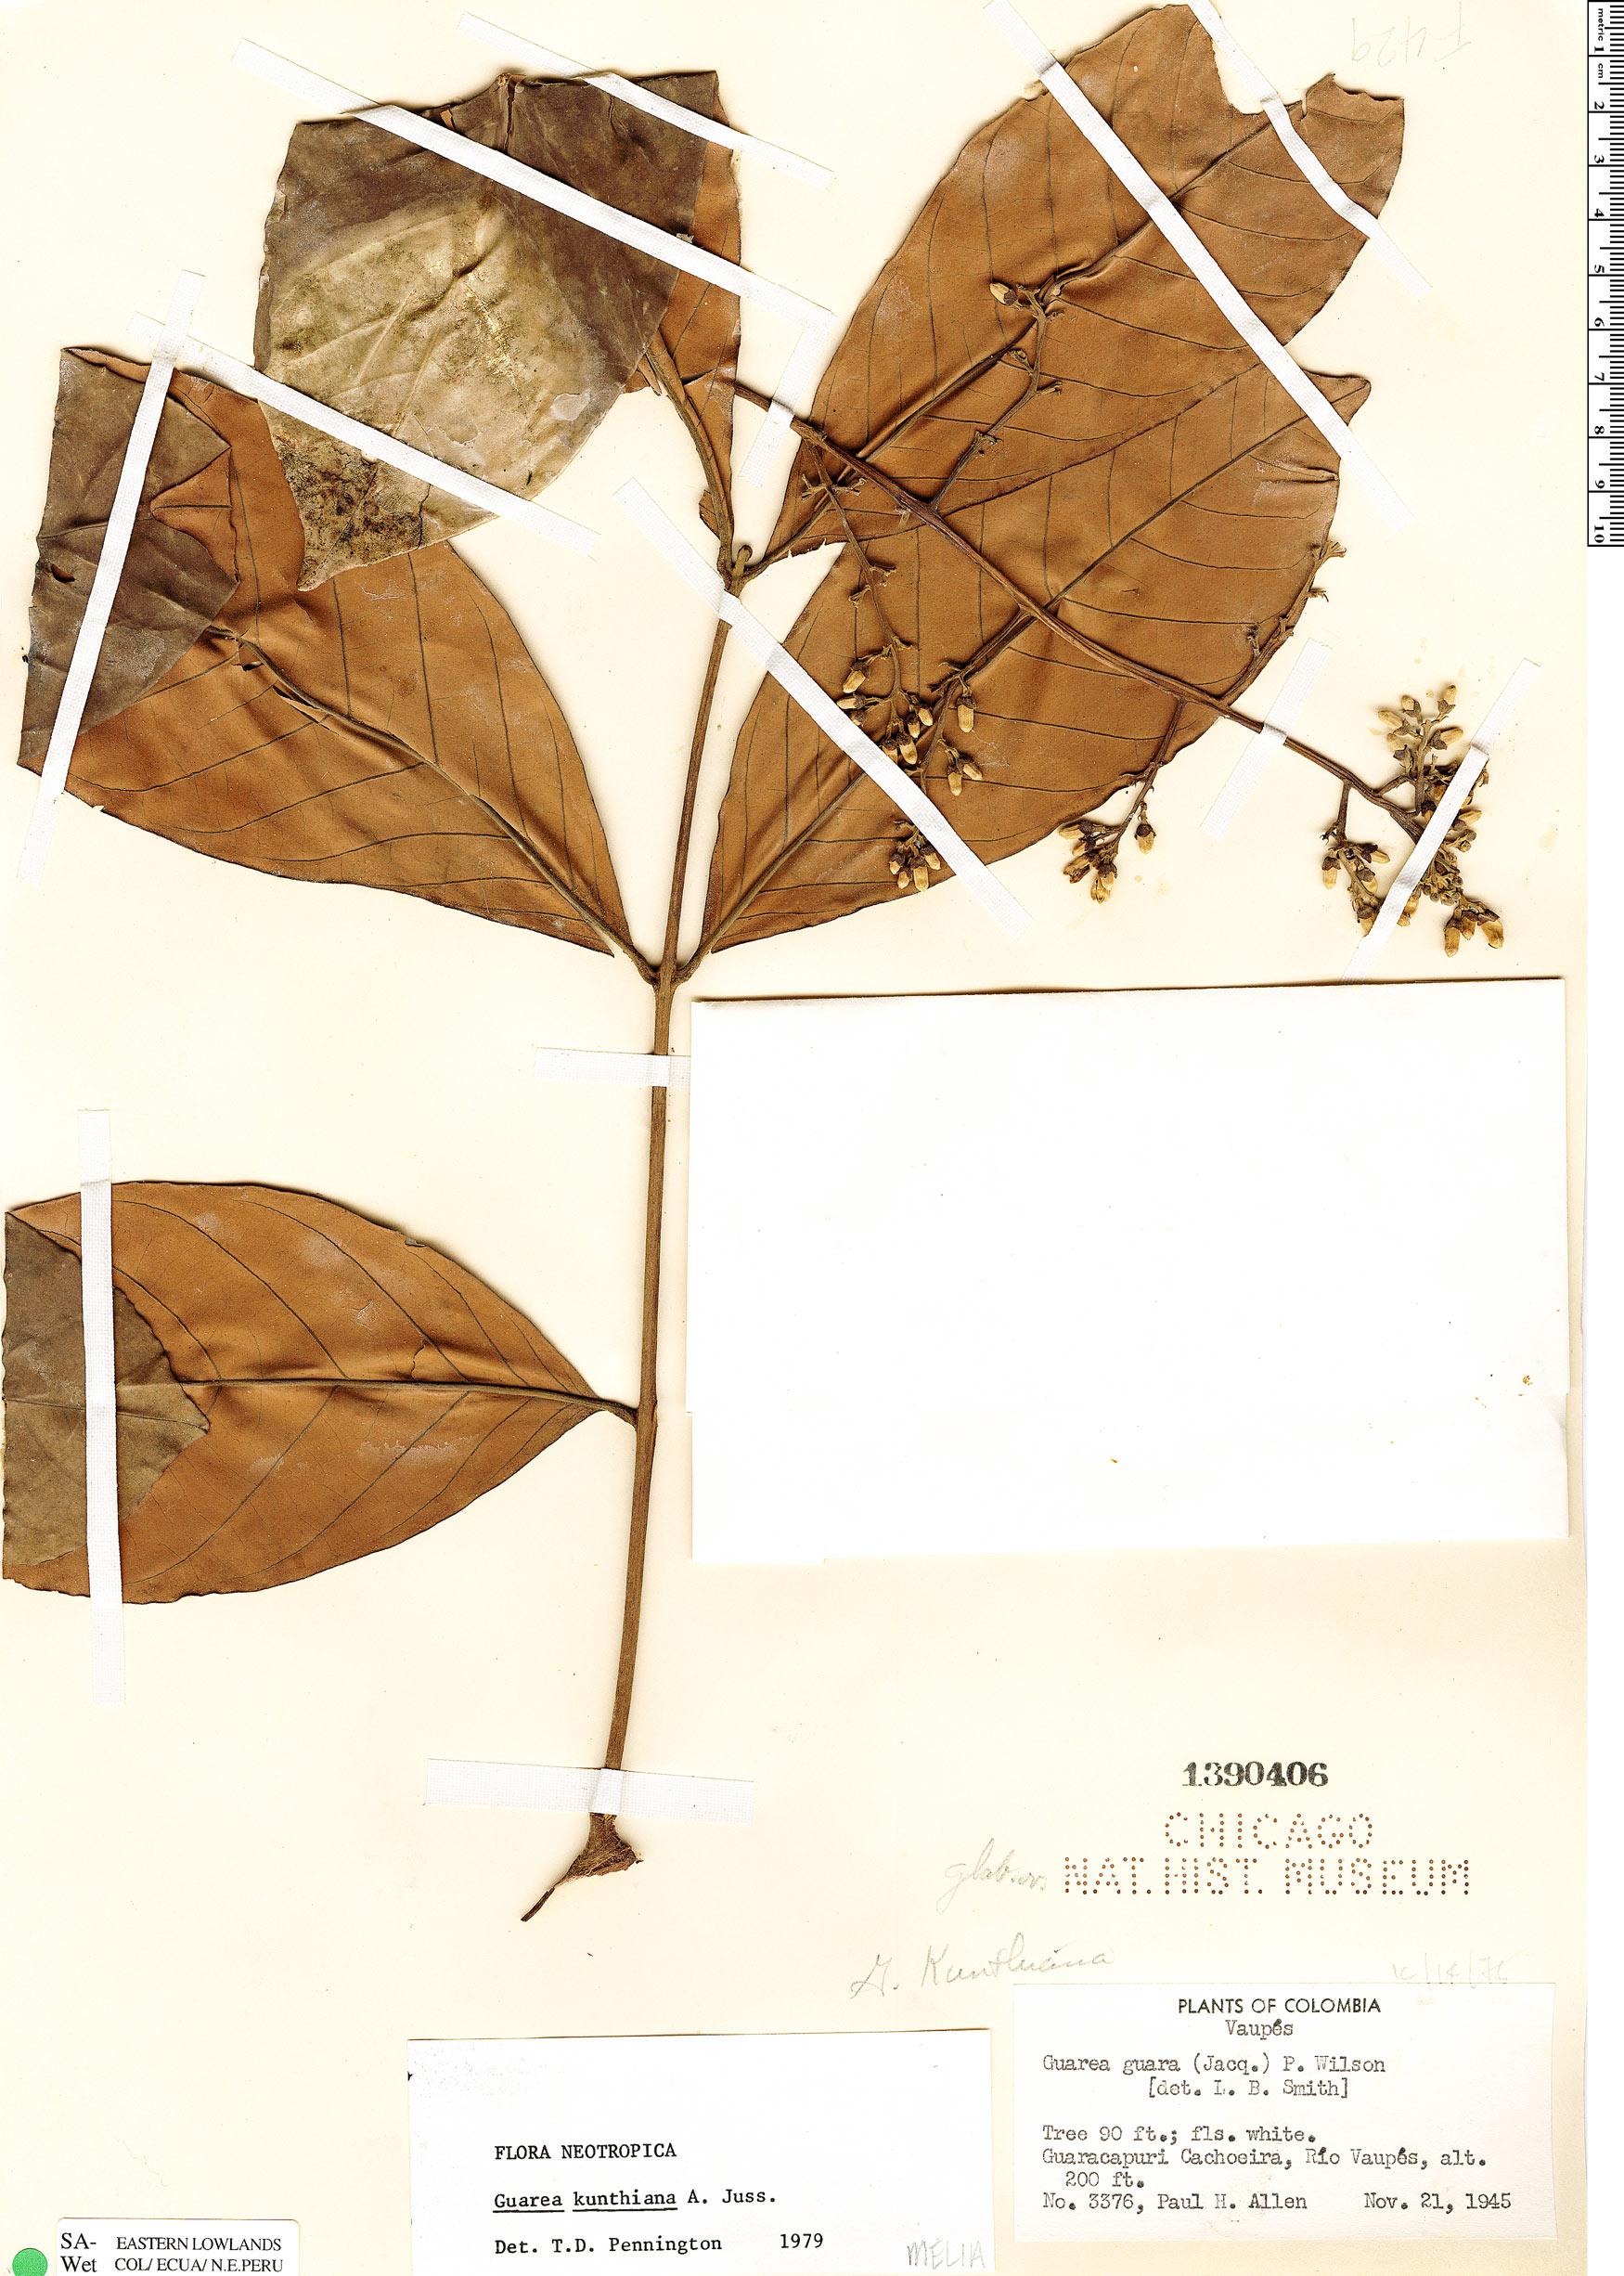 Specimen: Guarea kunthiana